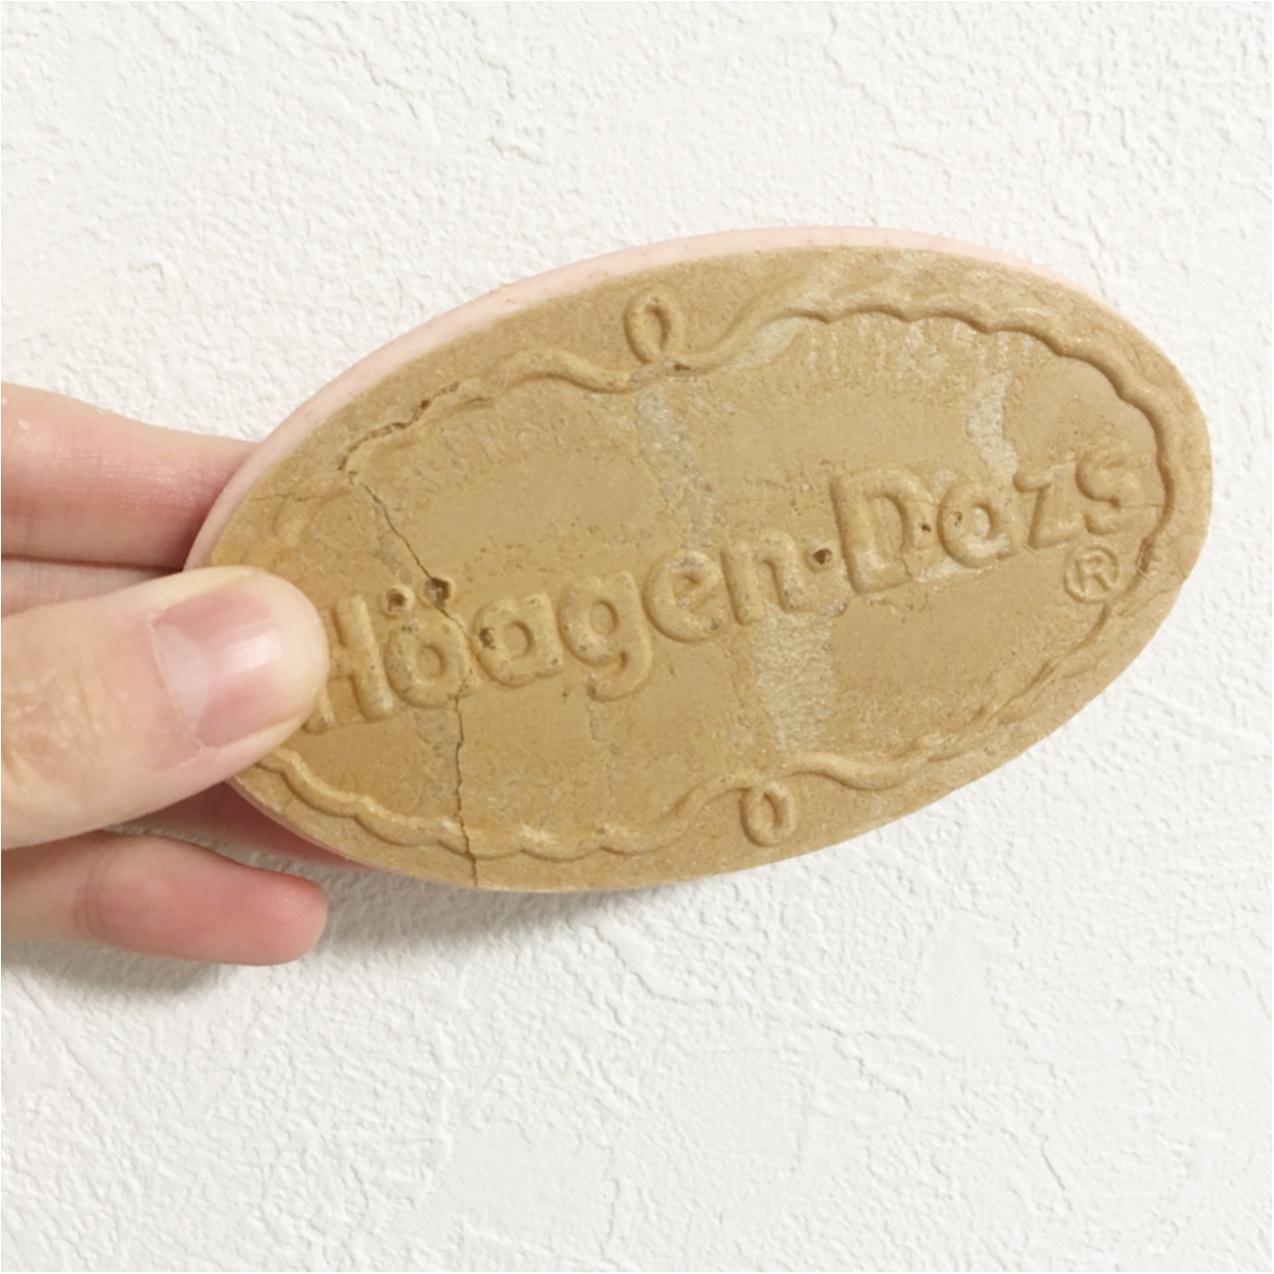 【 ハーゲンダッツ 】4種類のチーズと甘酸っぱいイチゴの味わい♡ 《 ストロベリーフロマージュ 》_3